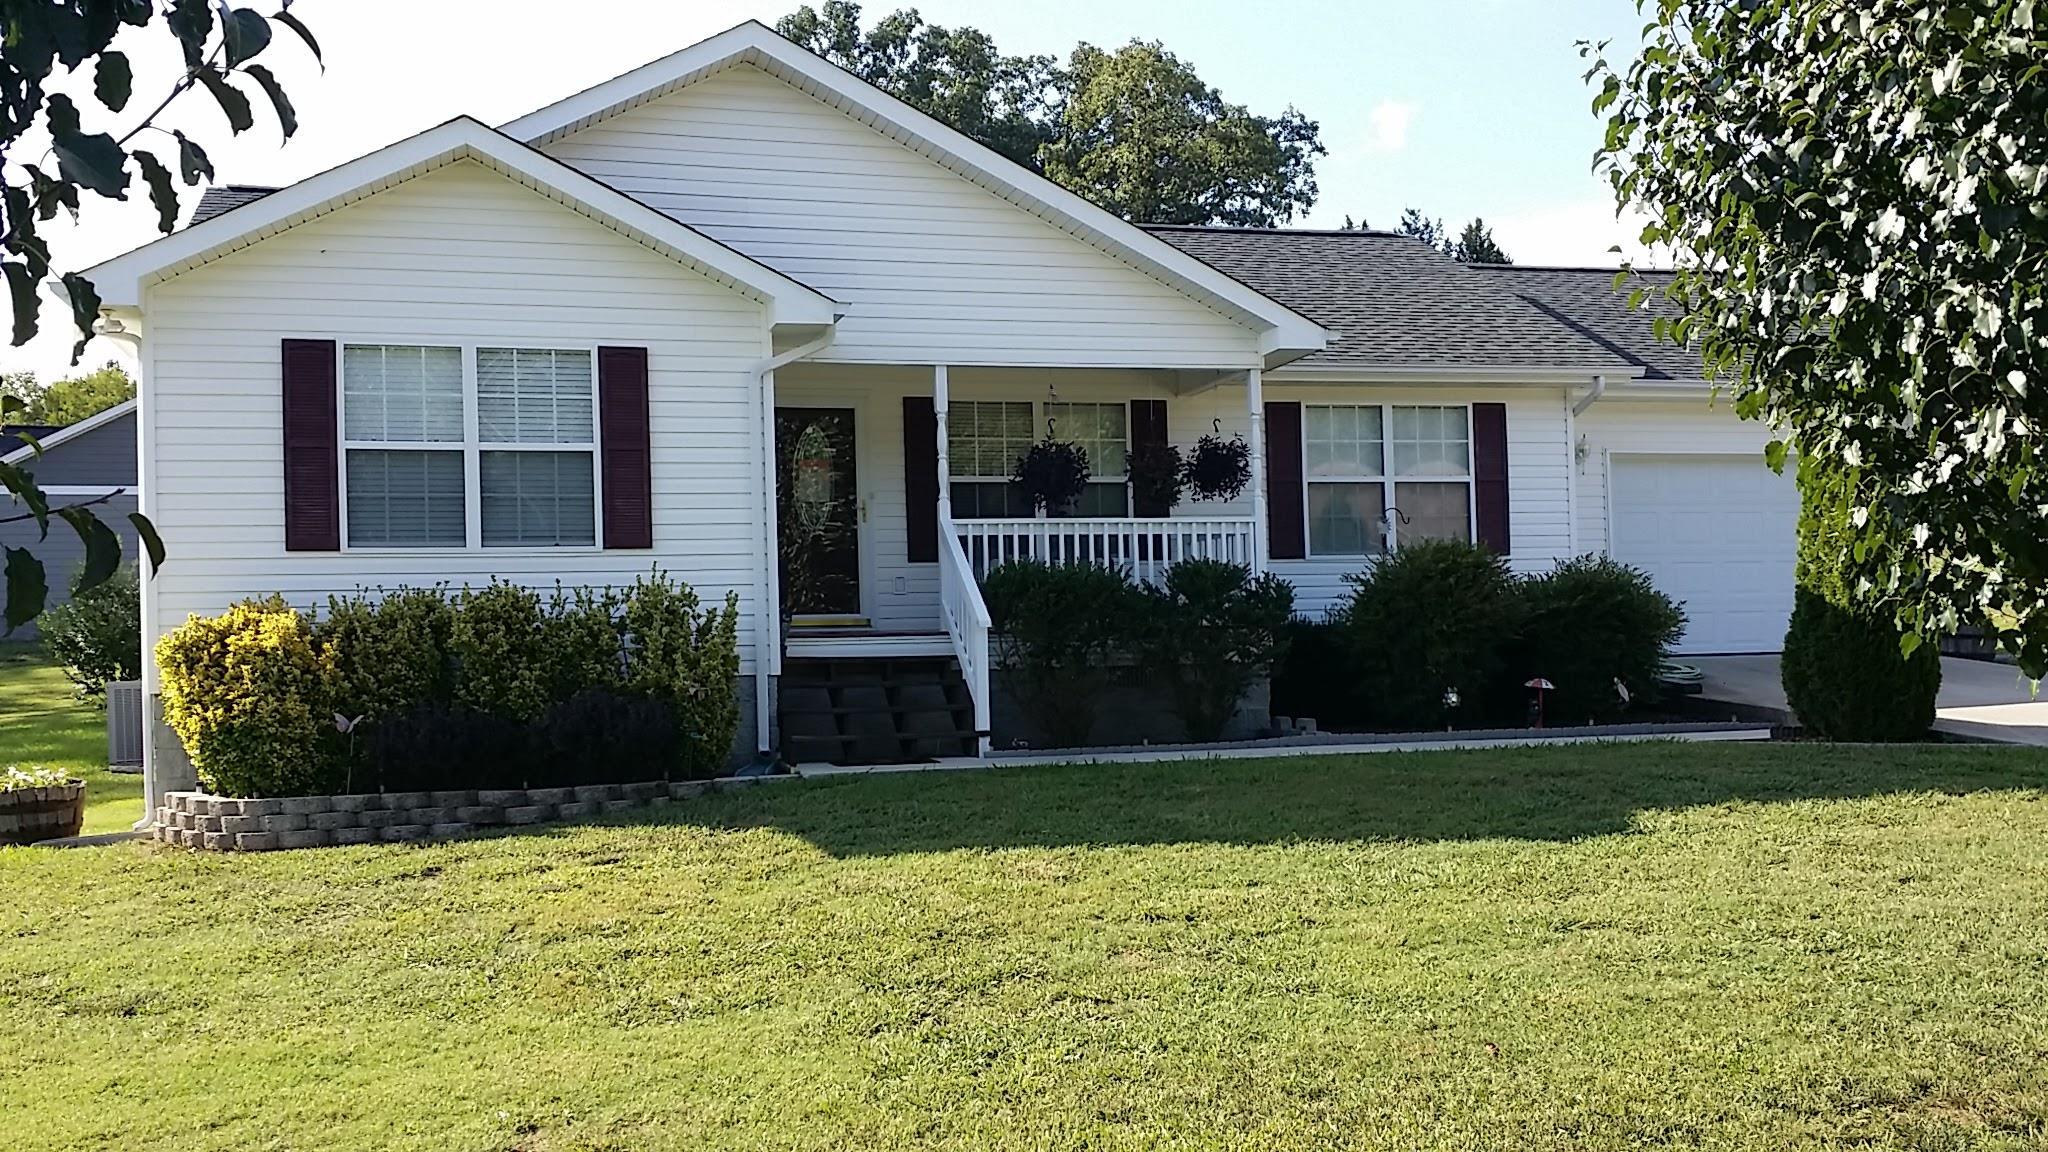 Photo of 125 Oak View Dr  Jasper  TN